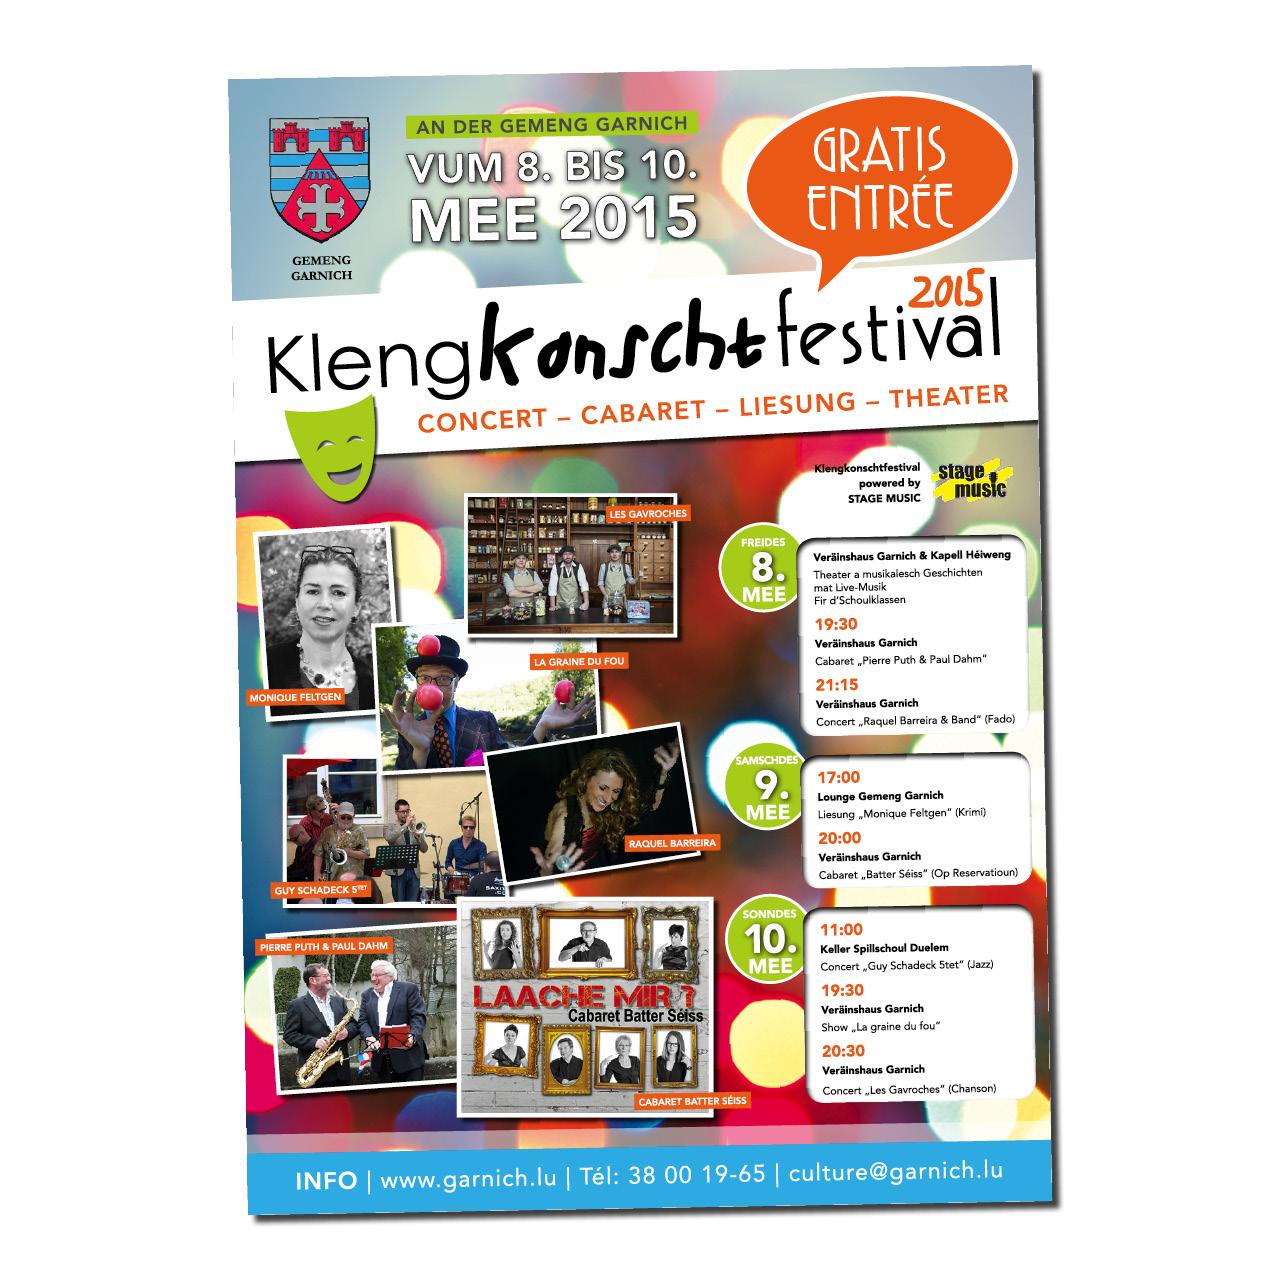 Klengkonschtfestival Garnich